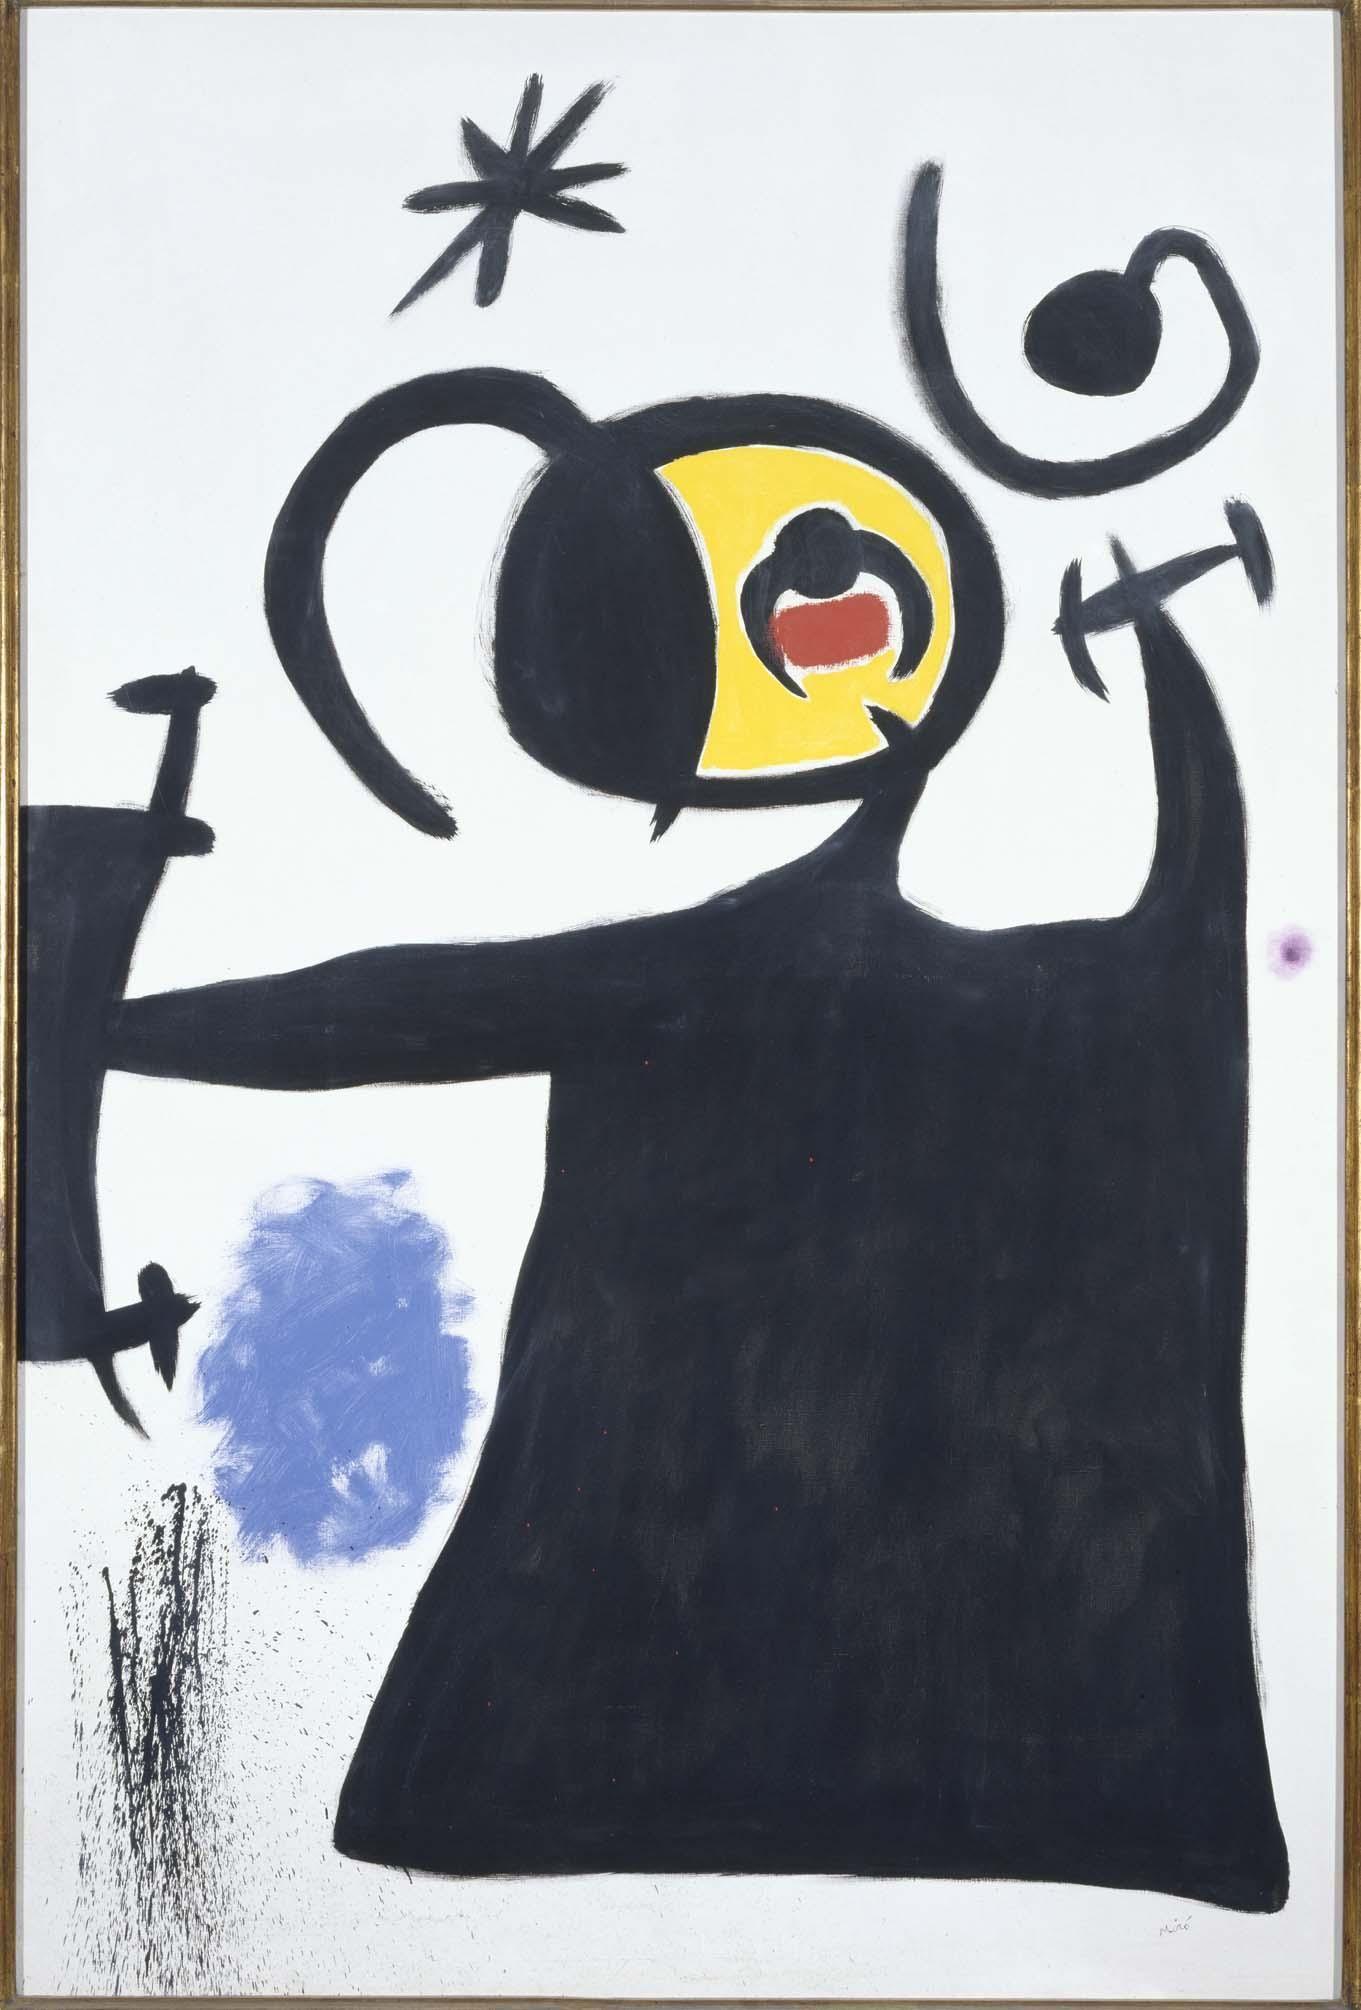 Miró, Joan: Femme en transe par la fuite des étoiles filantes (Woman Entranced by the Escape of Shooting Stars)